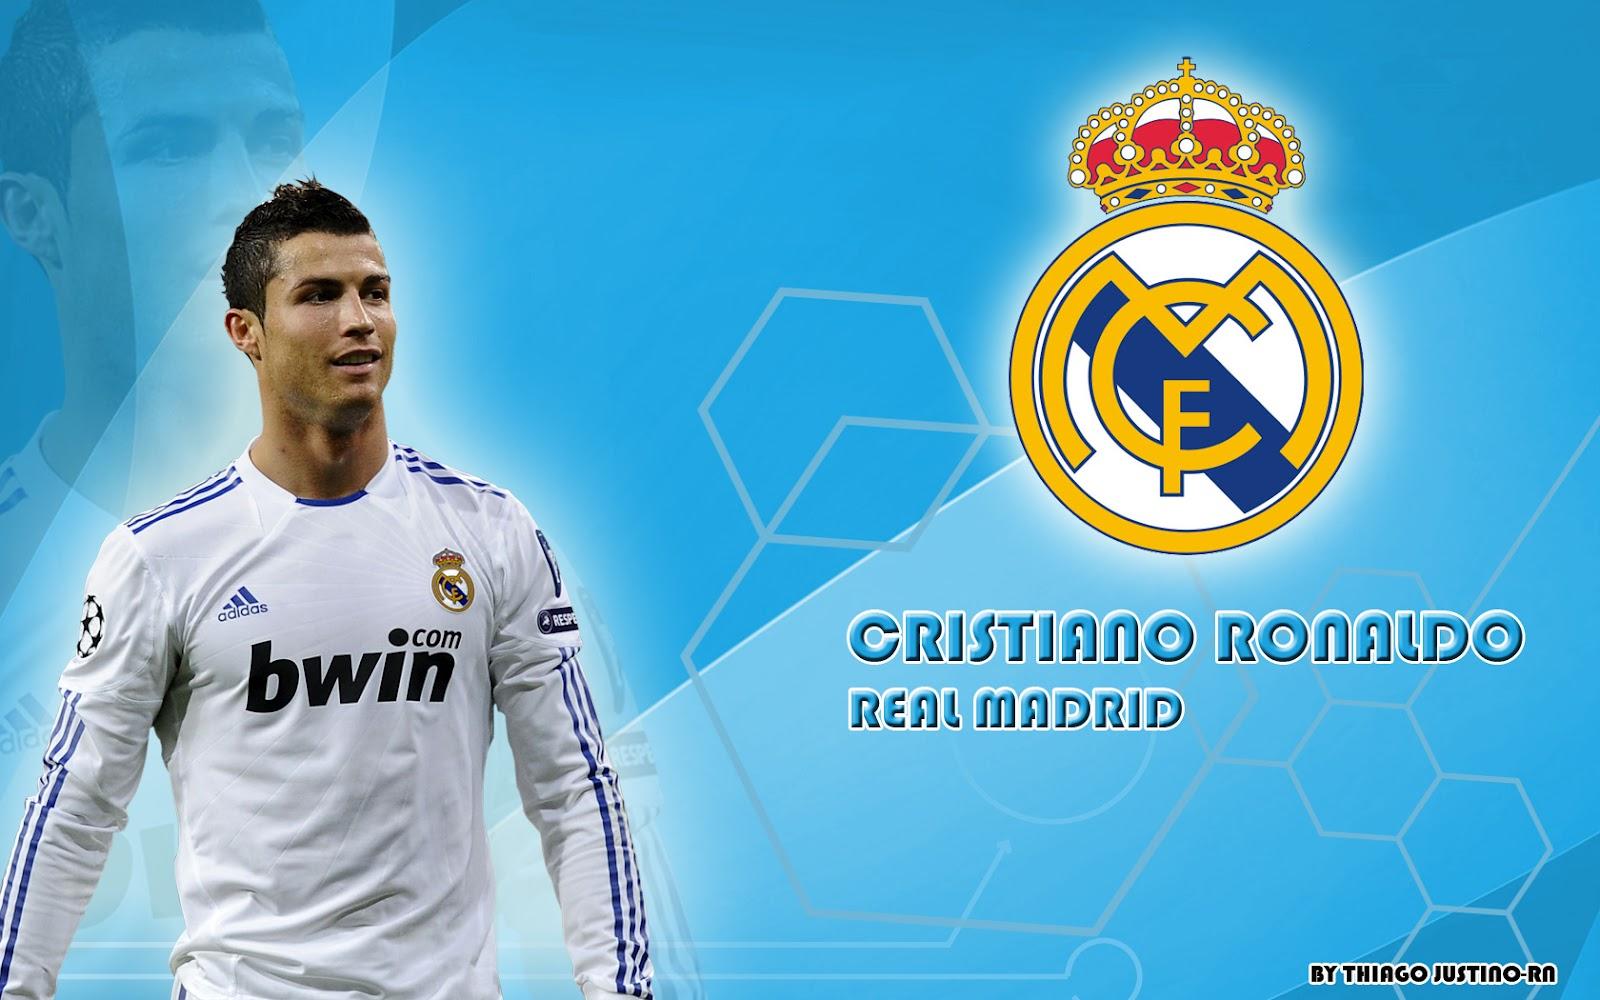 http://3.bp.blogspot.com/-oz3cIH1FqLI/T51bOUoYc-I/AAAAAAAAD2k/t22-XDc561U/s1600/cristiano-ronaldo-wallpaper-hd-real-madrid-2012-blue.jpg